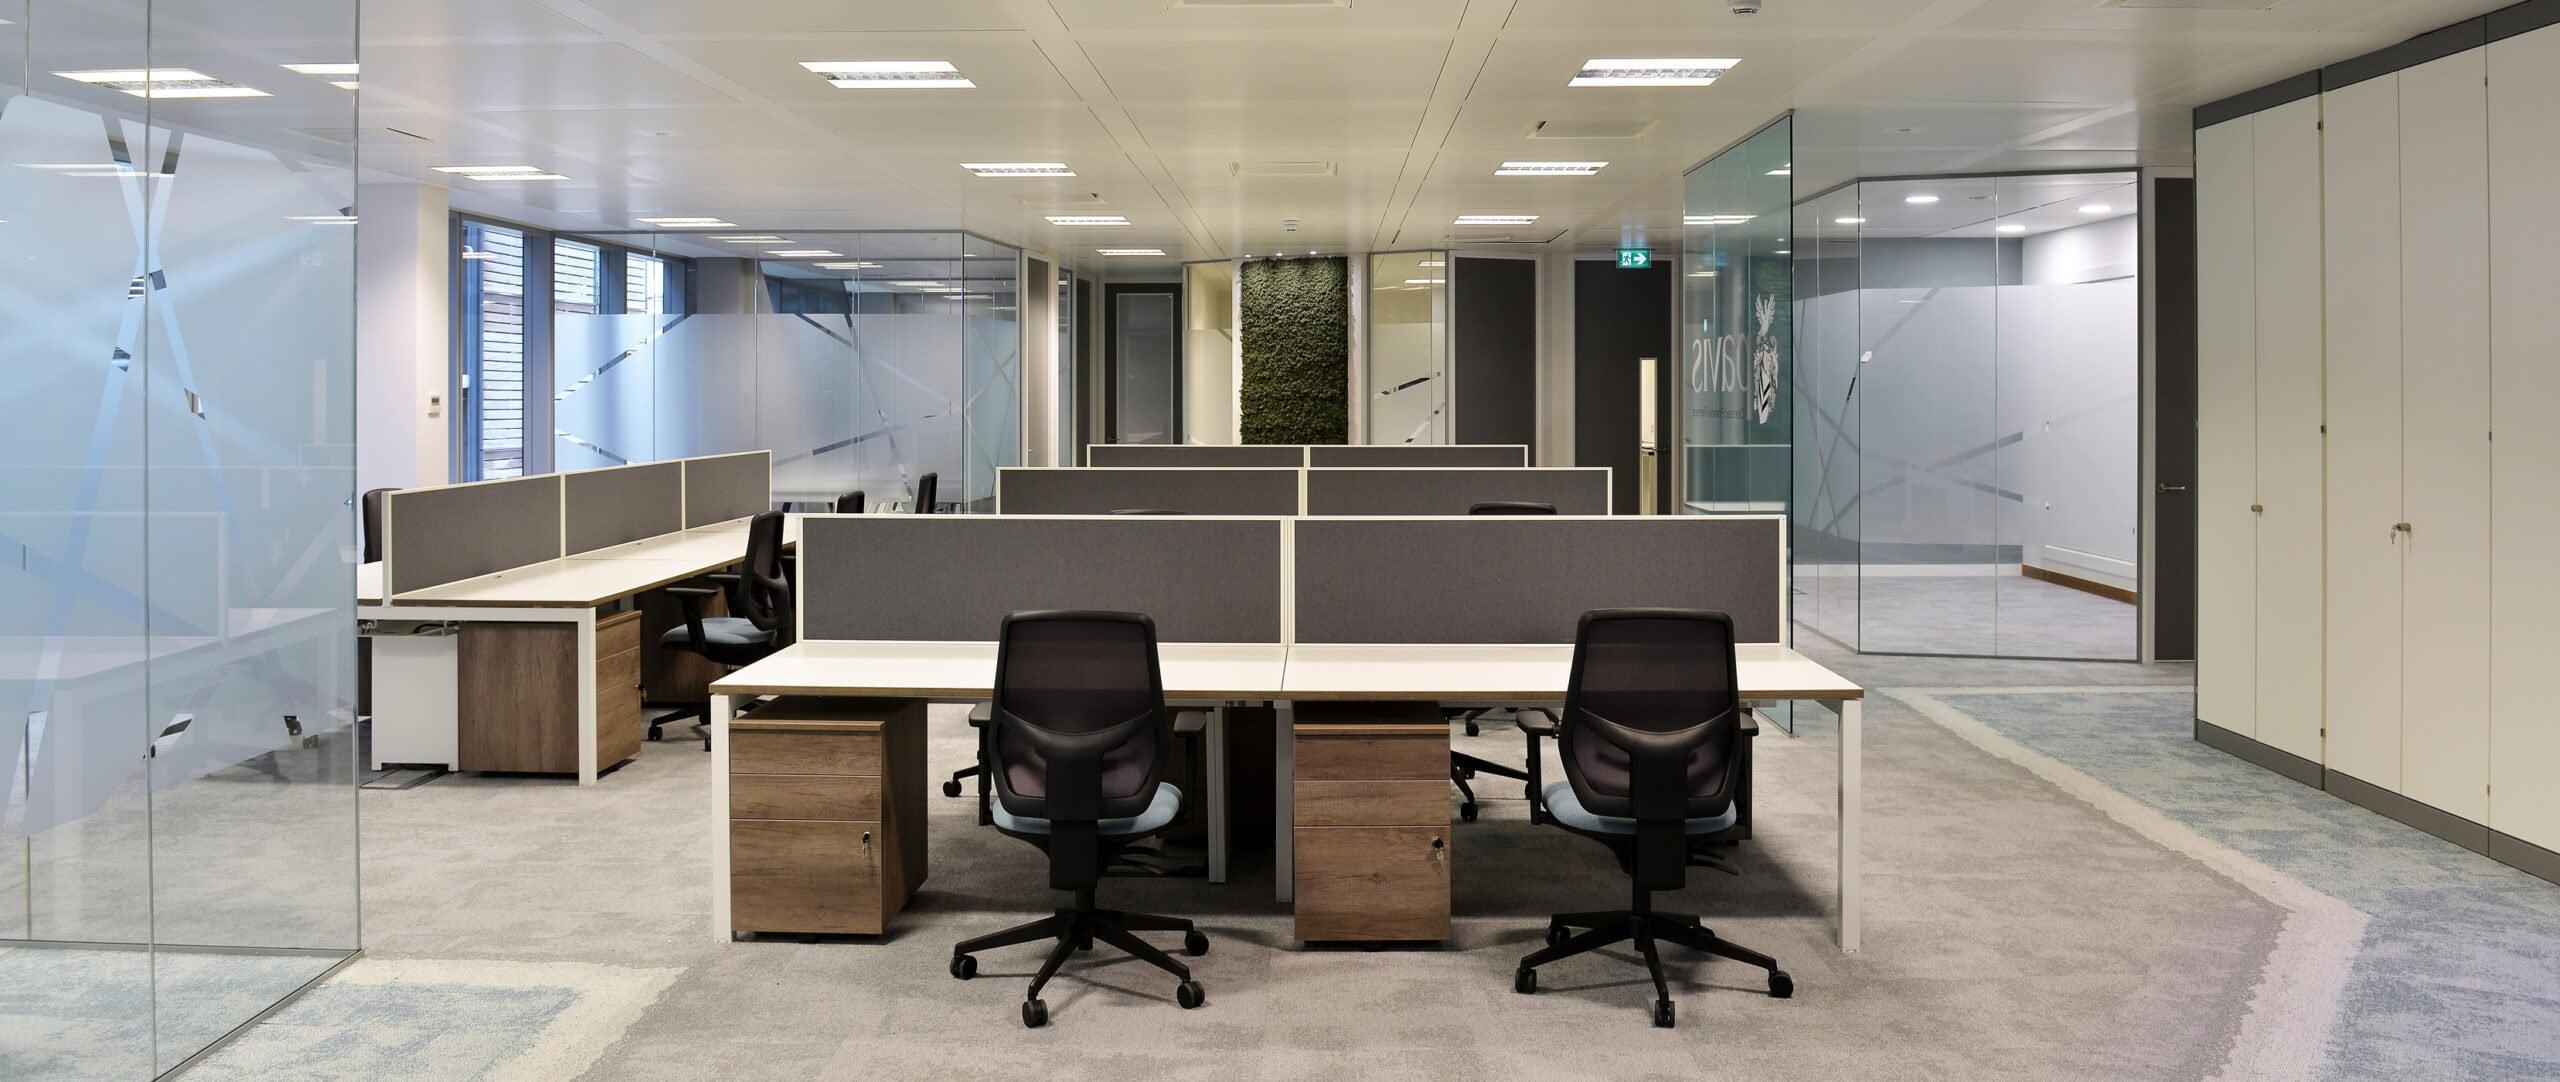 Pavis Office Fit Out 21